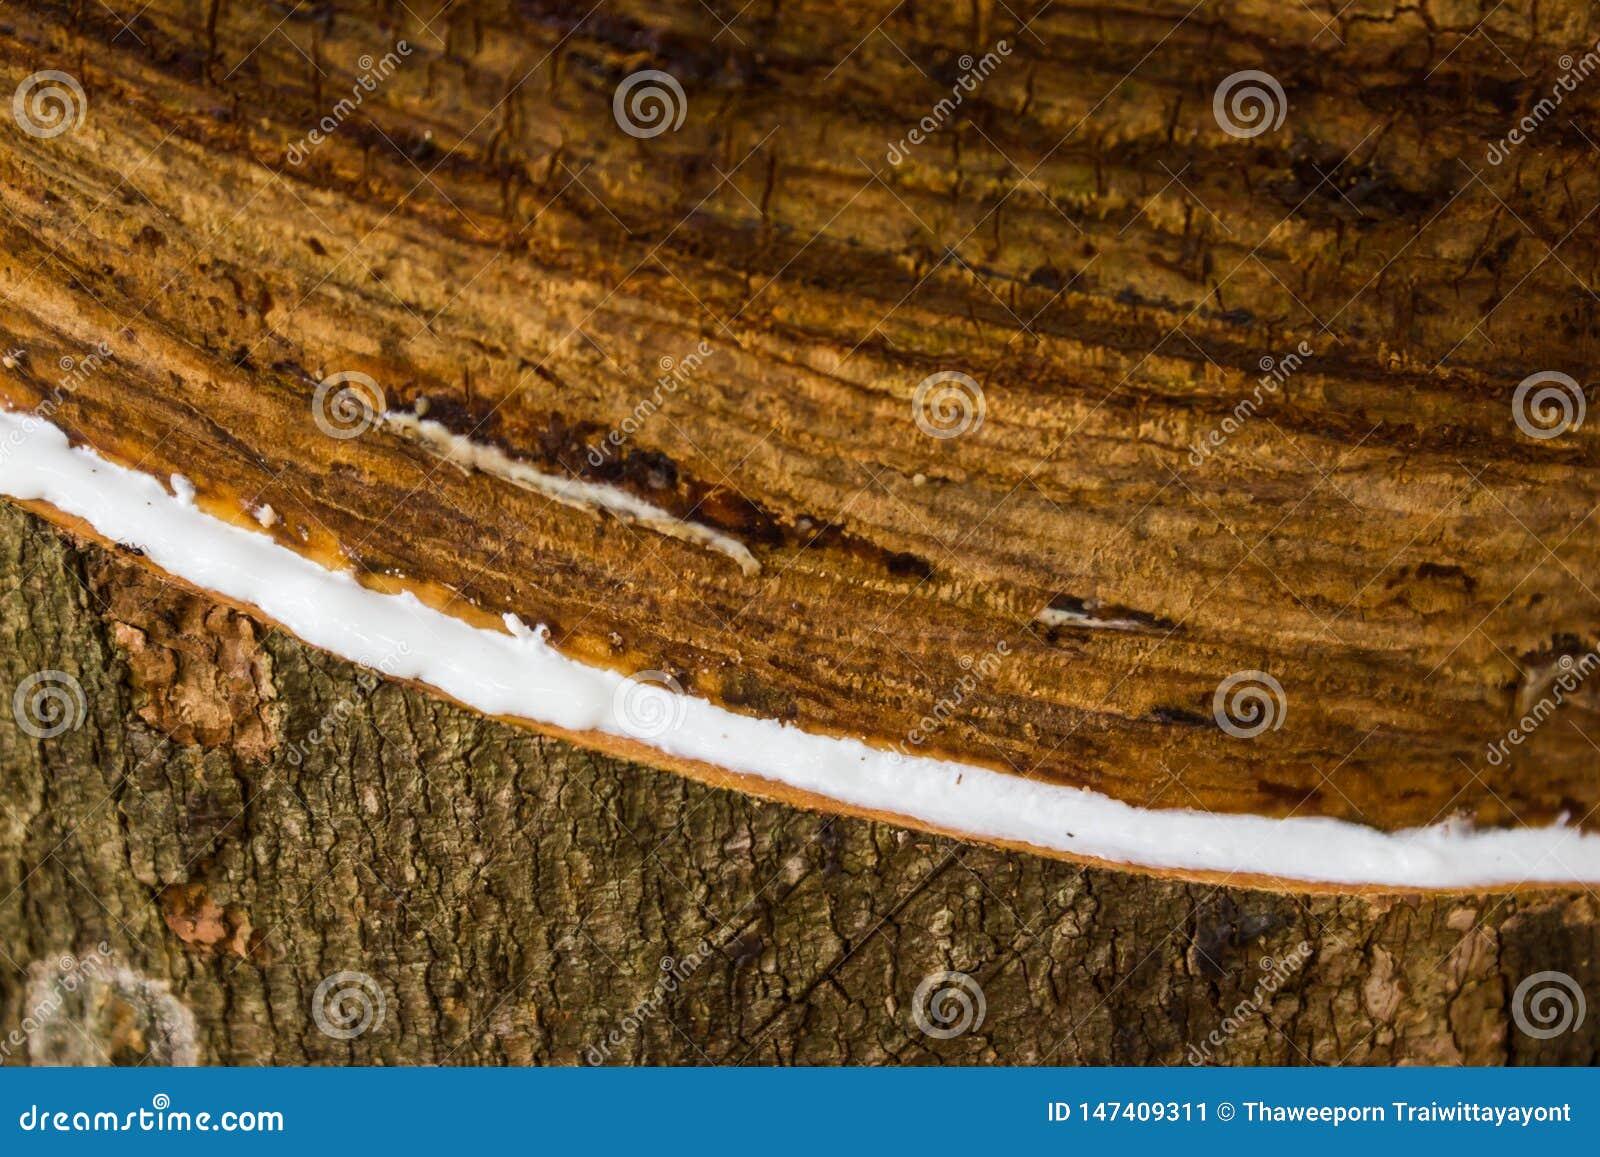 Melkachtig die latex uit rubberboomhevea Brasiliensis wordt gehaald